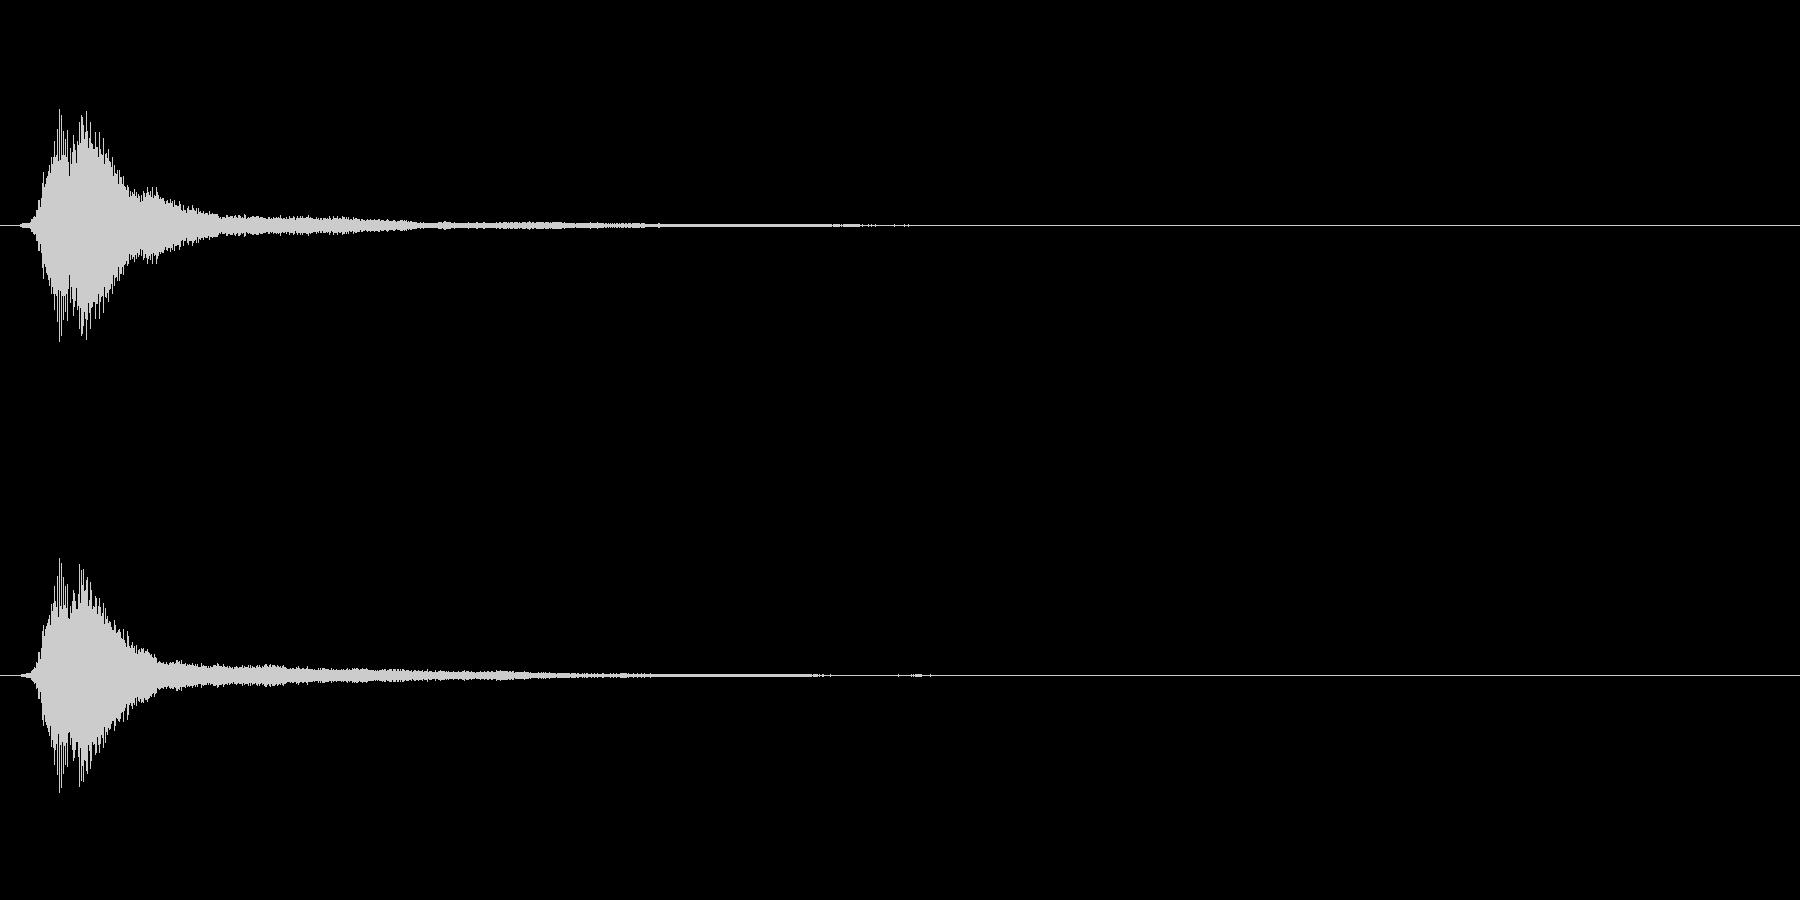 サウンドロゴ(企業ロゴ)_010の未再生の波形